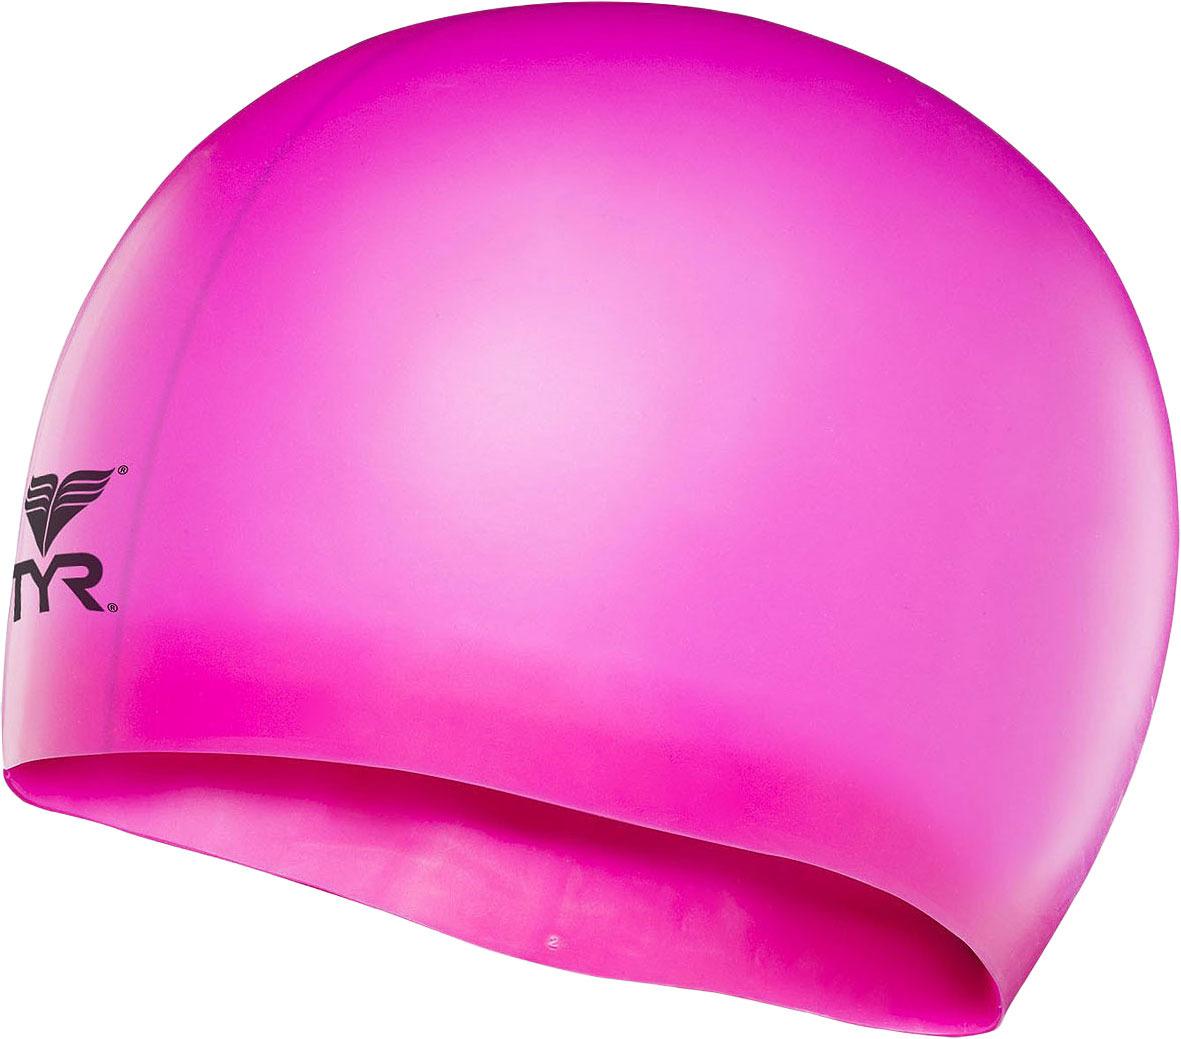 Шапочка для плавания детская TYR Wrinkle Free Junior Silicone Cap, цвет: розовый недорго, оригинальная цена